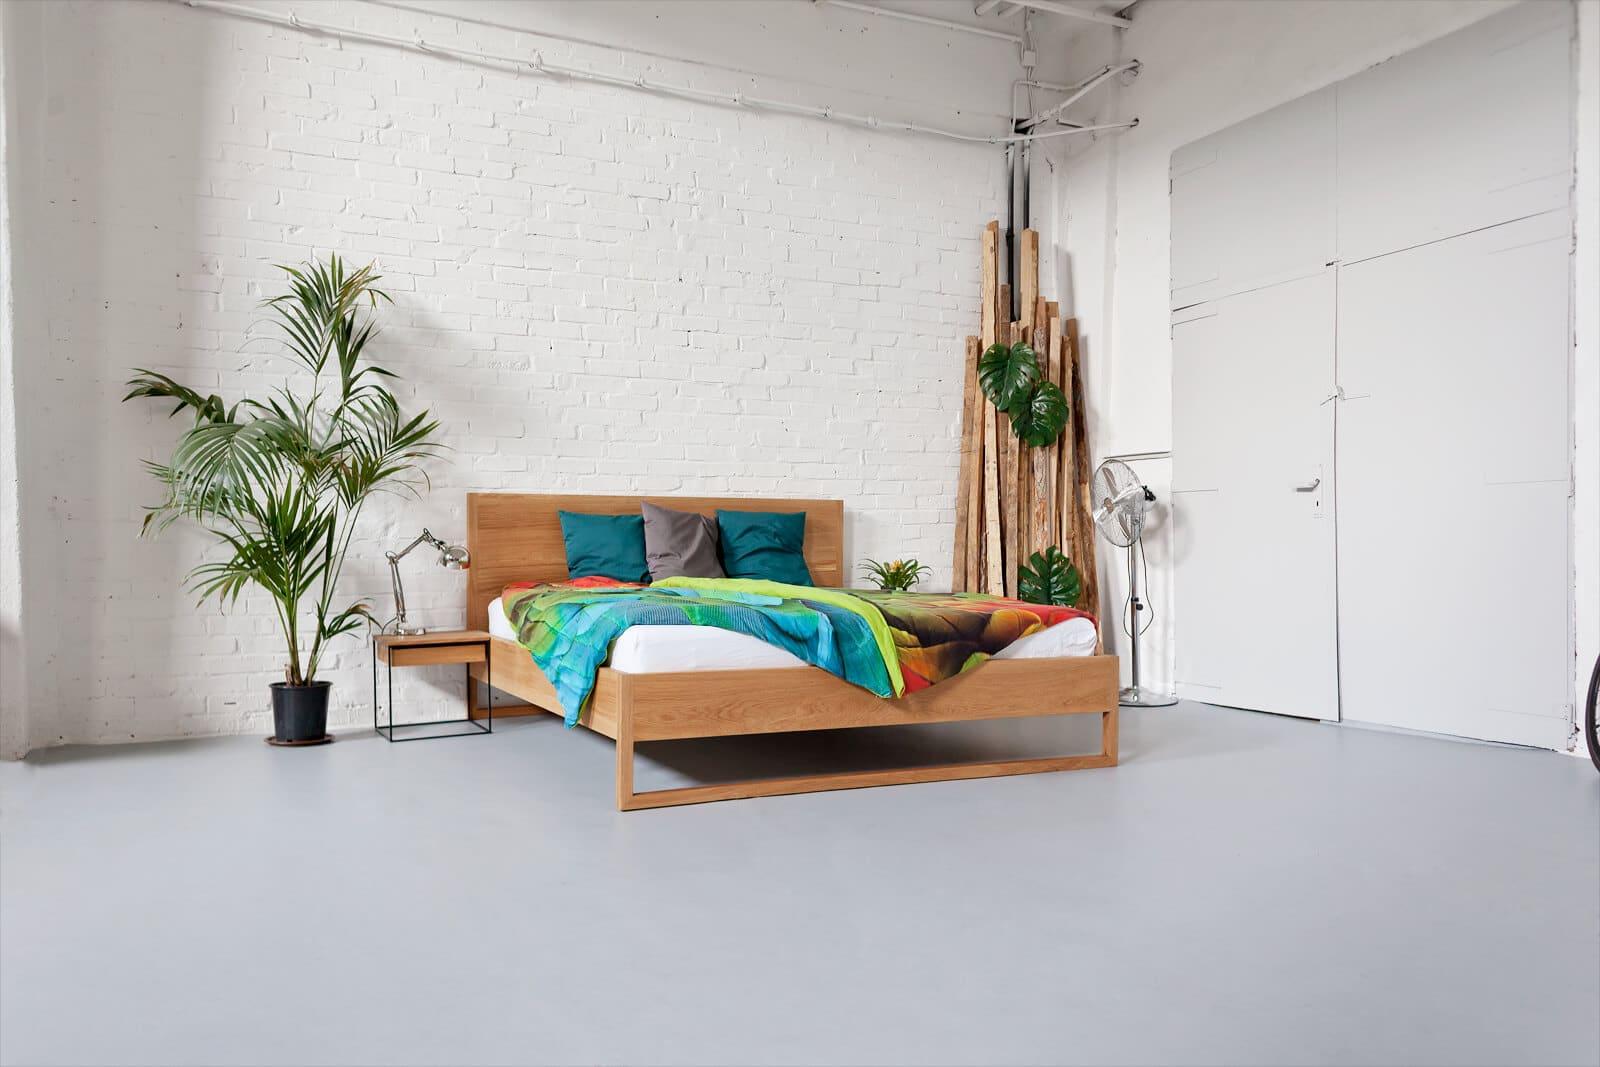 Pure Oak Bed - Massivholzbett aus Eiche